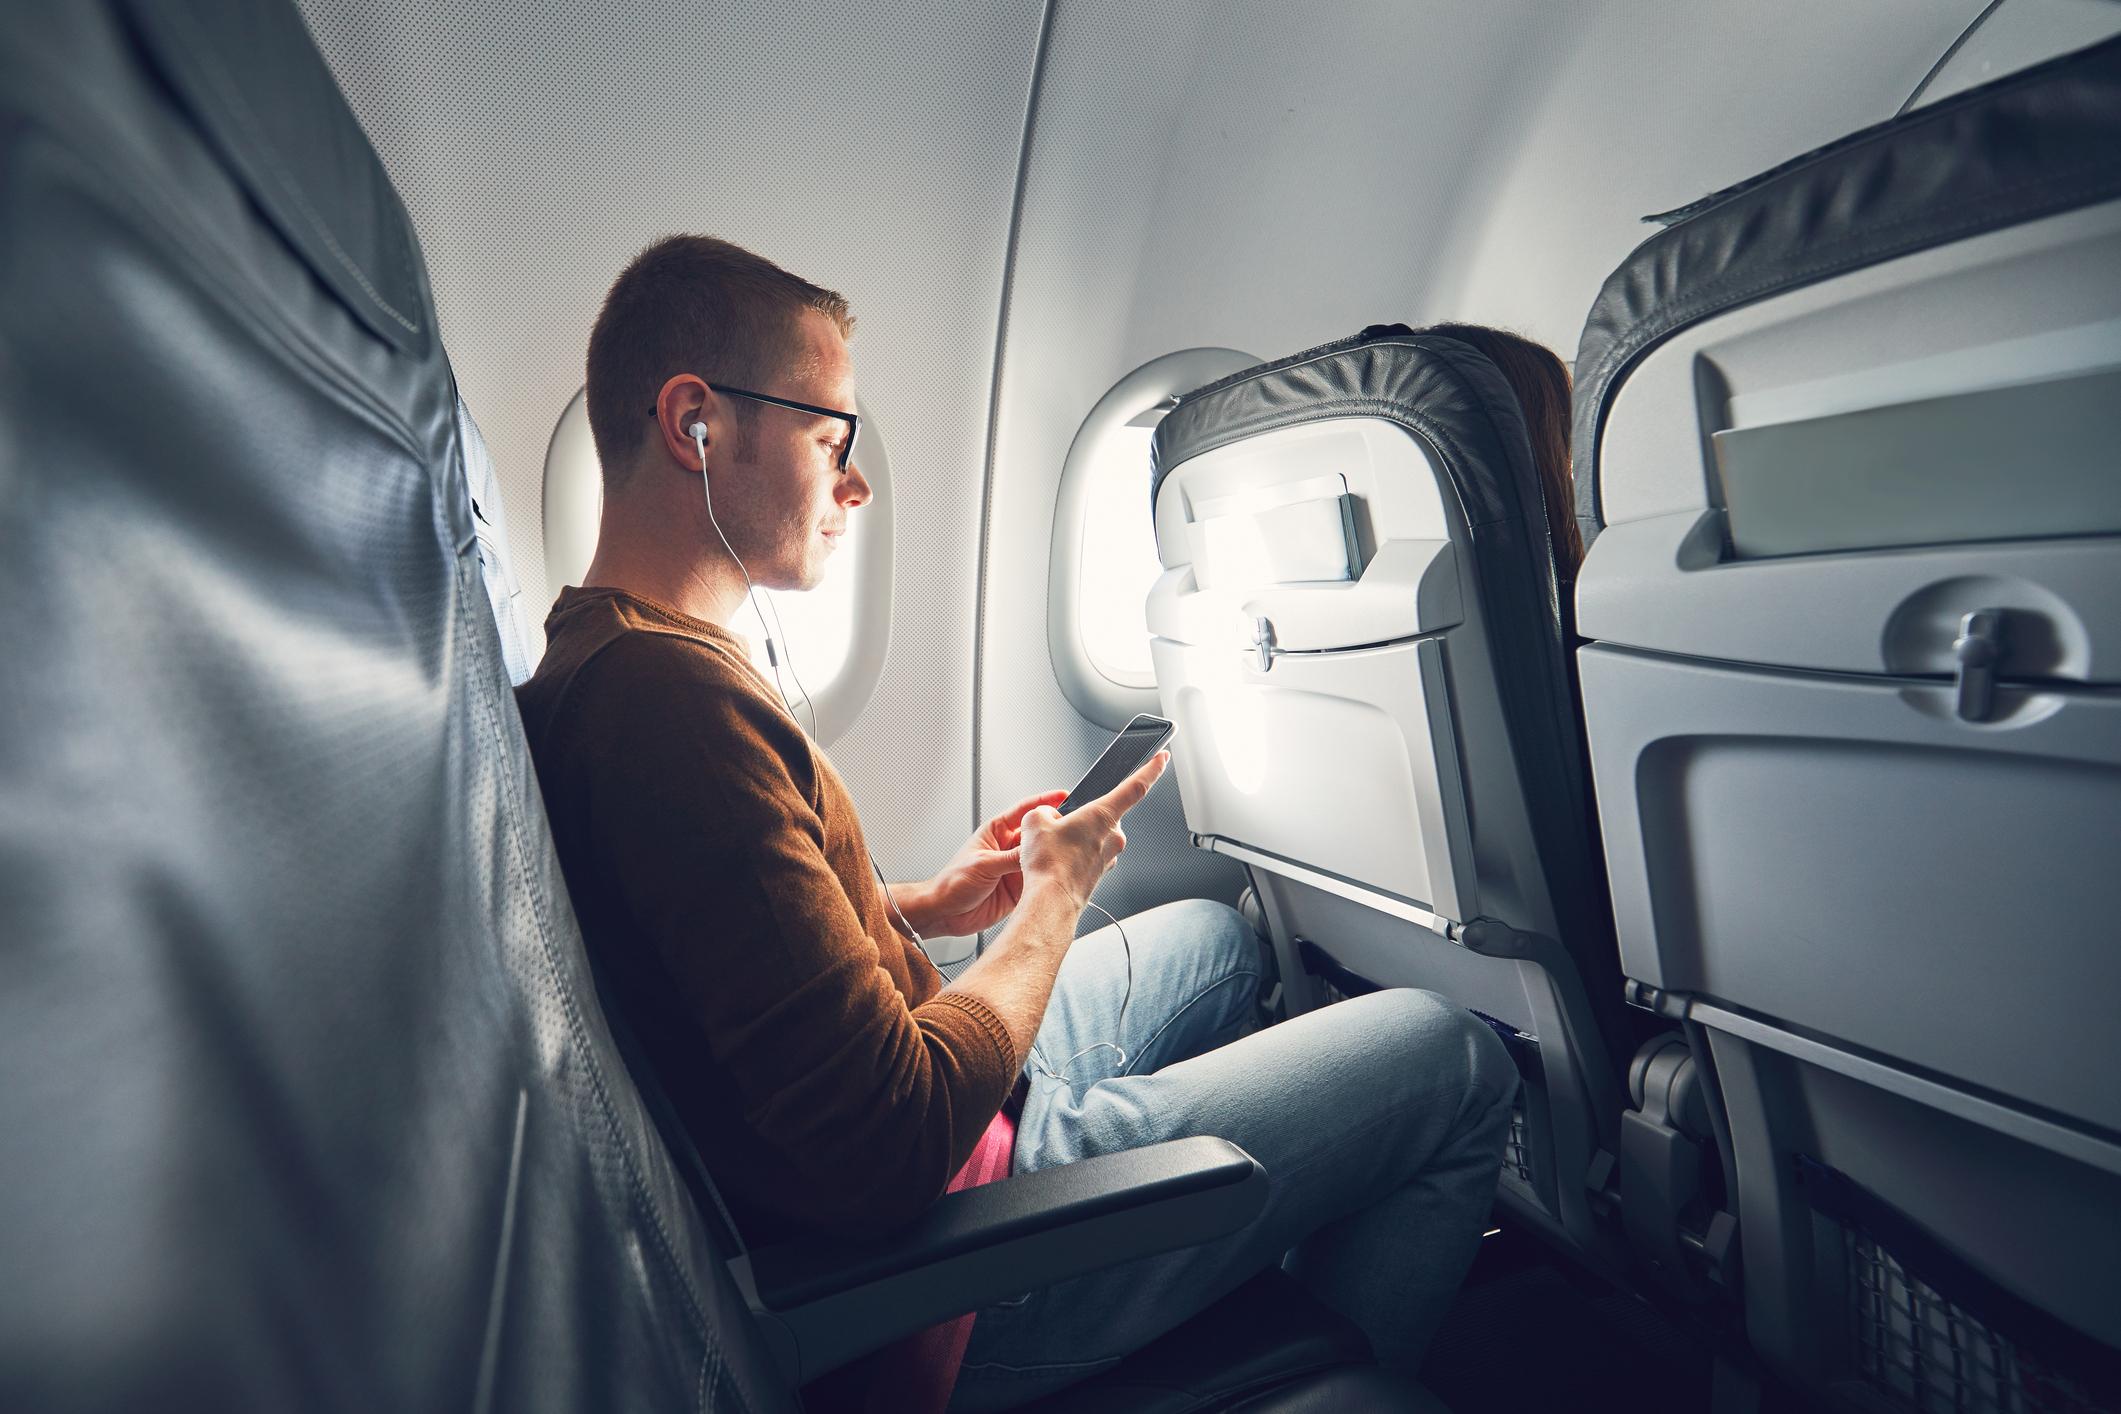 Pessoas que passaram muito tempo em repouso, acamadas, ou que fizeram voos longos, têm um risco aumentado para a trombose e suas complicações.